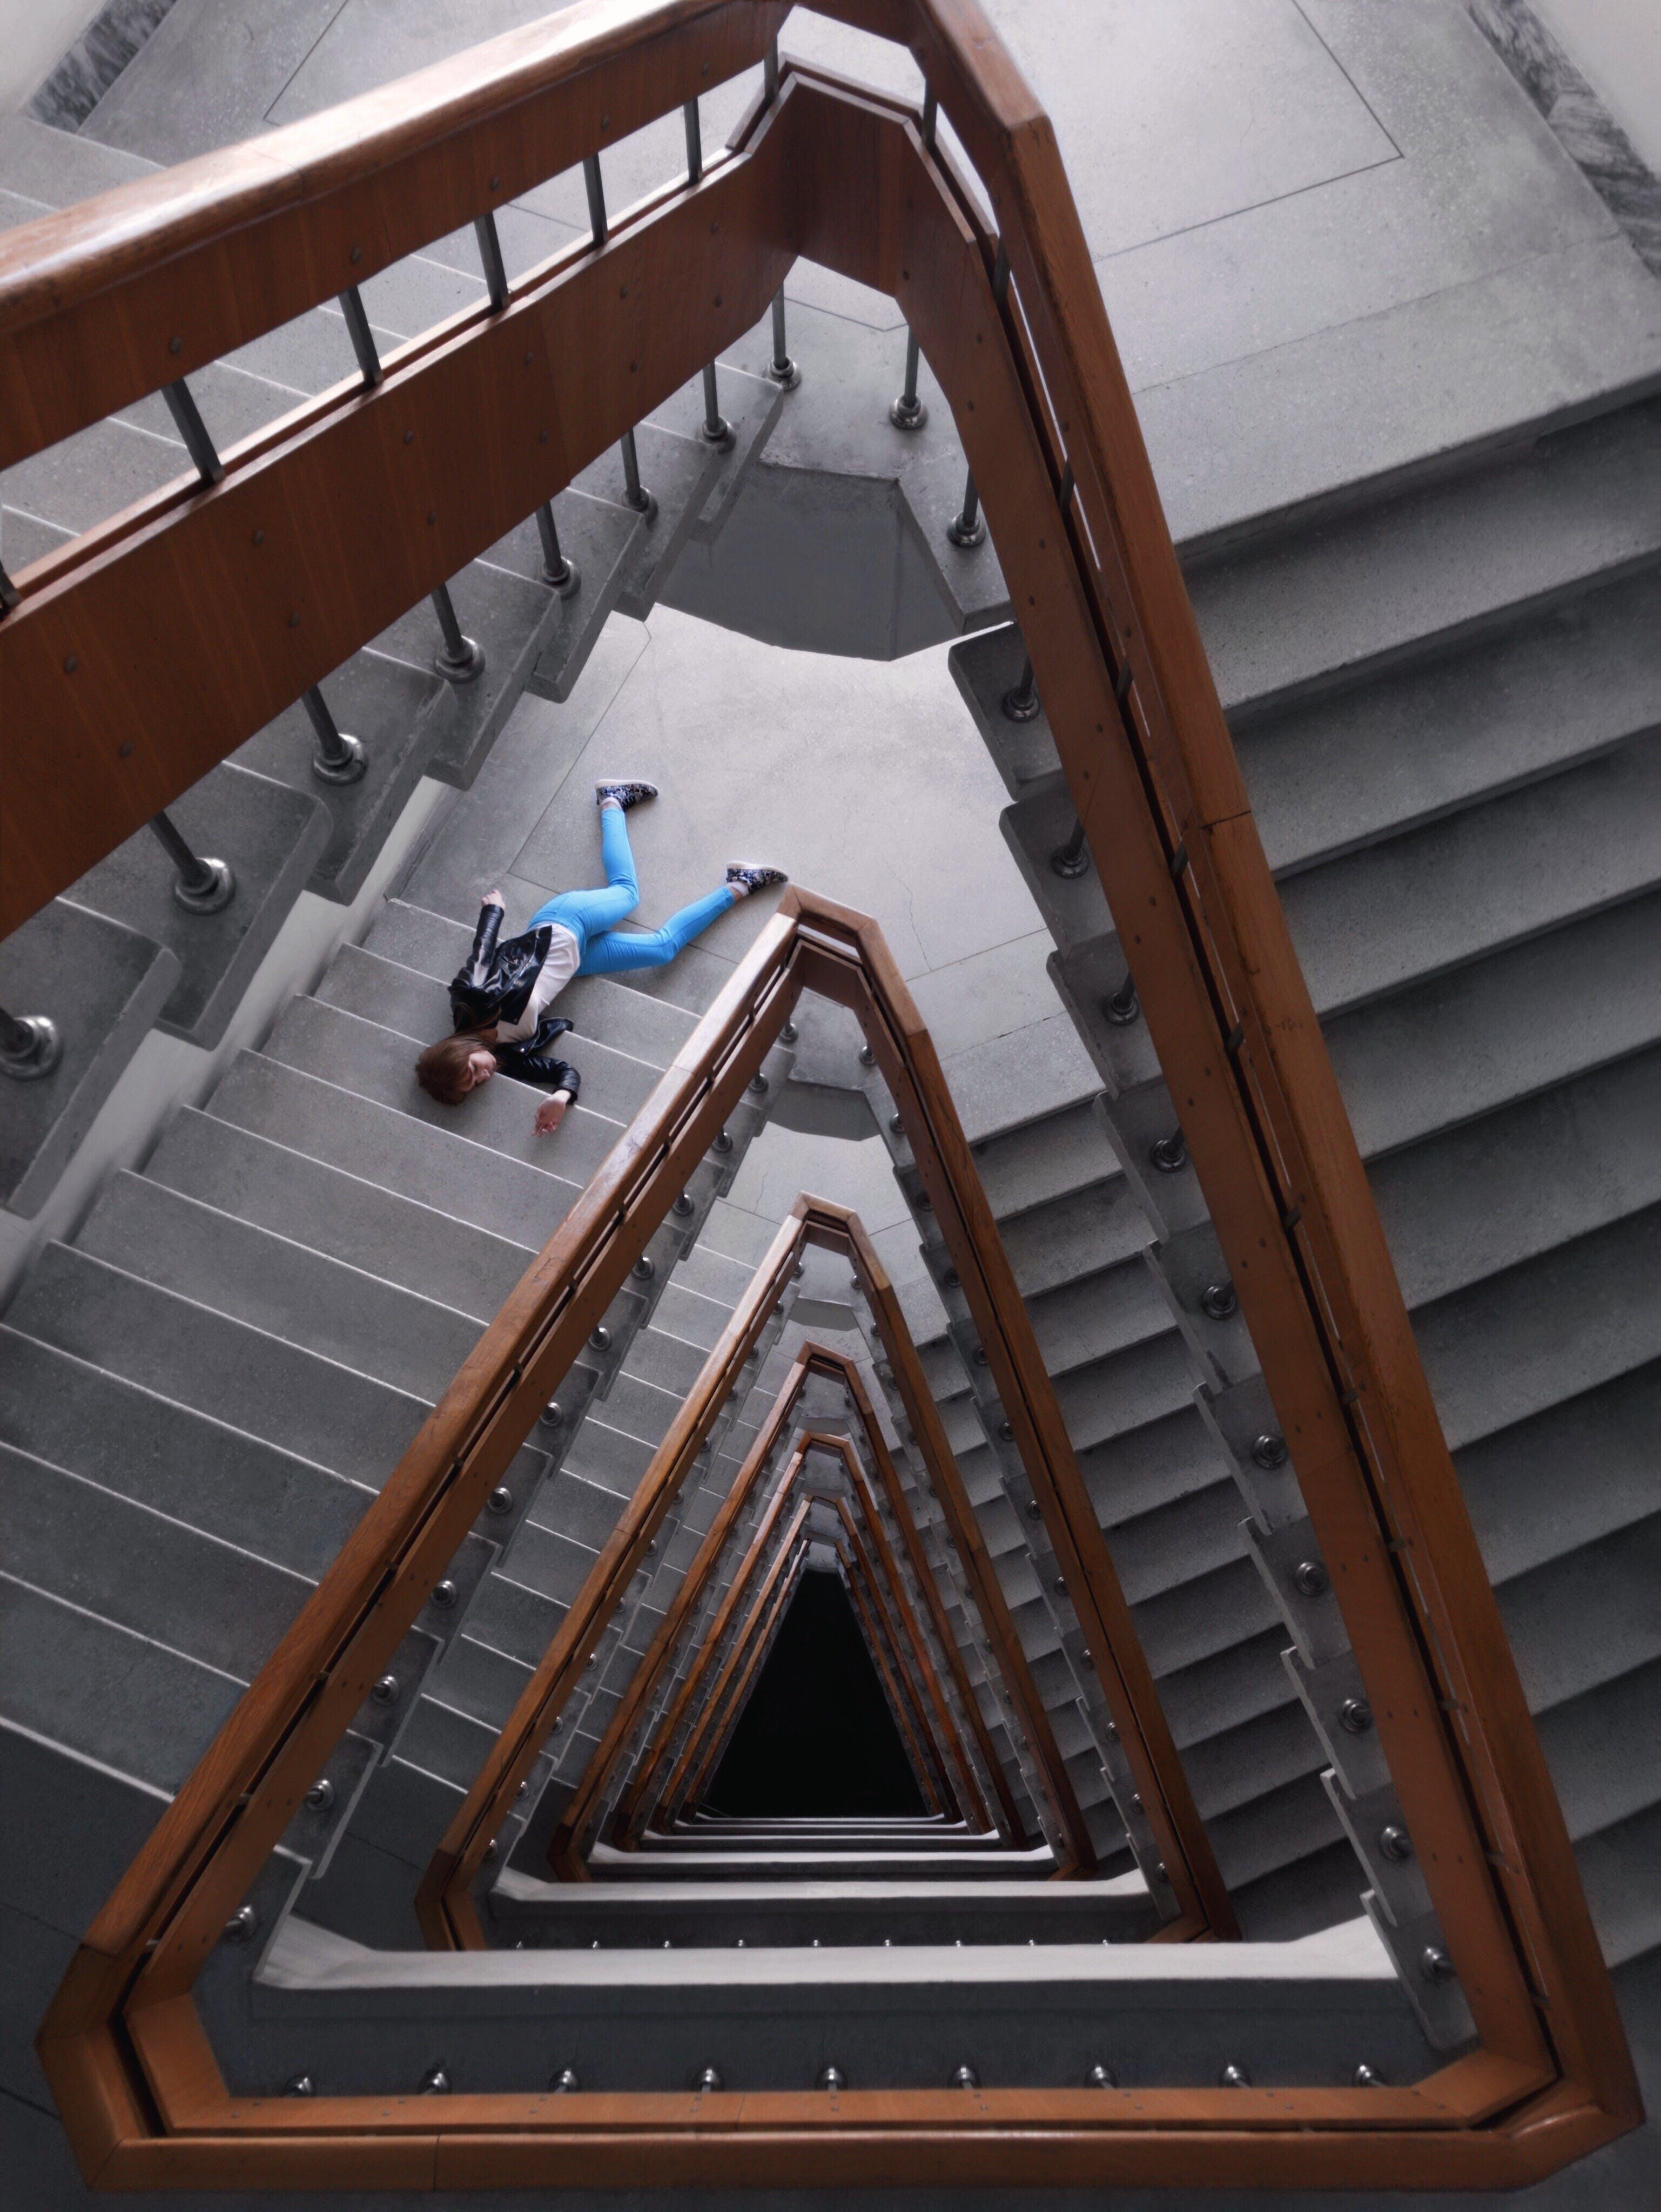 Gratis lagerfoto af arkitektur, bygning, indendørs, mobilechallenge